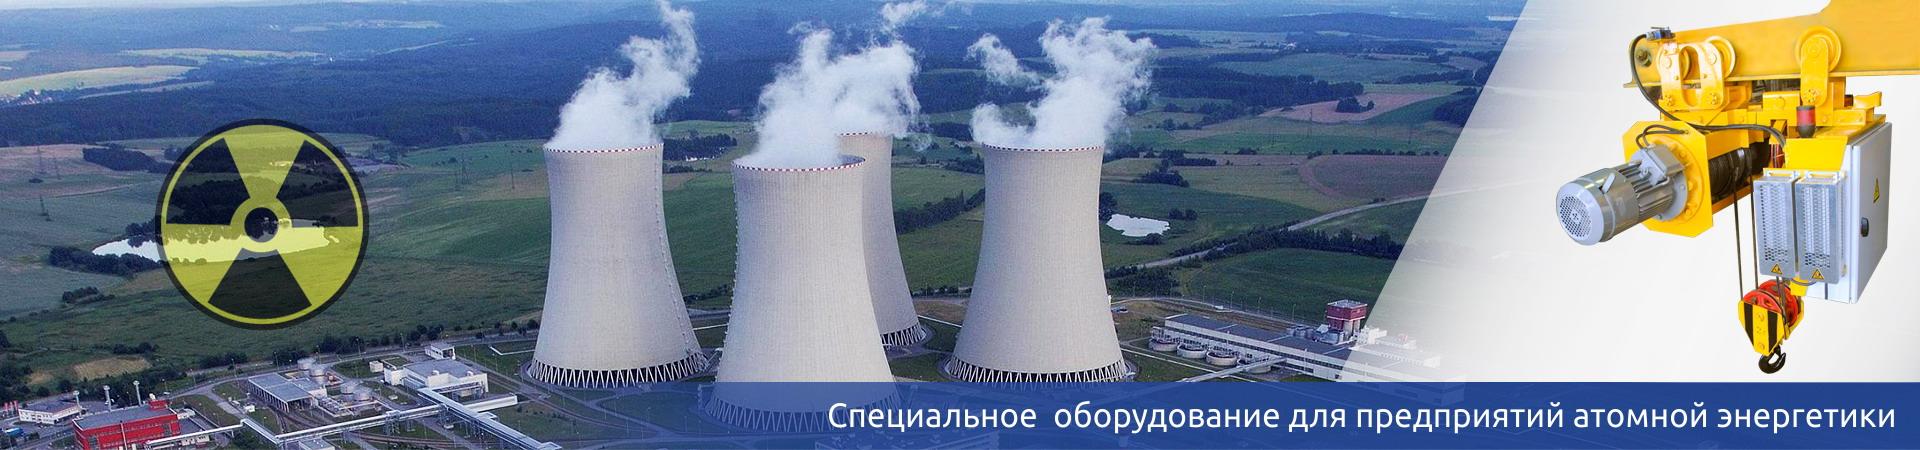 атомный-банер